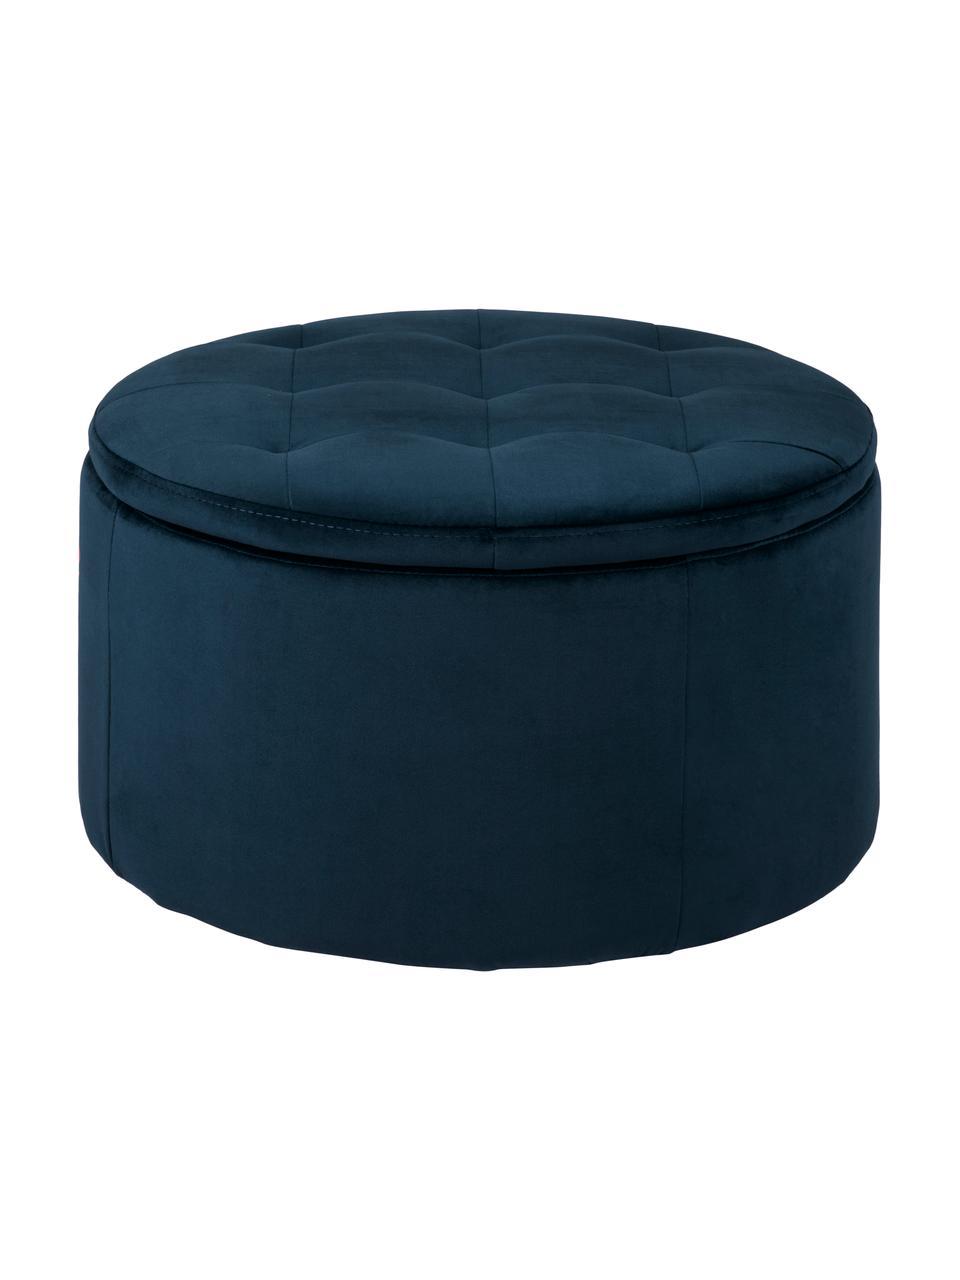 Fluwelen kruk Retina met opbergruimte, Polyester fluweel, kunststof, Blauw, transparant, Ø 60 x H 35 cm